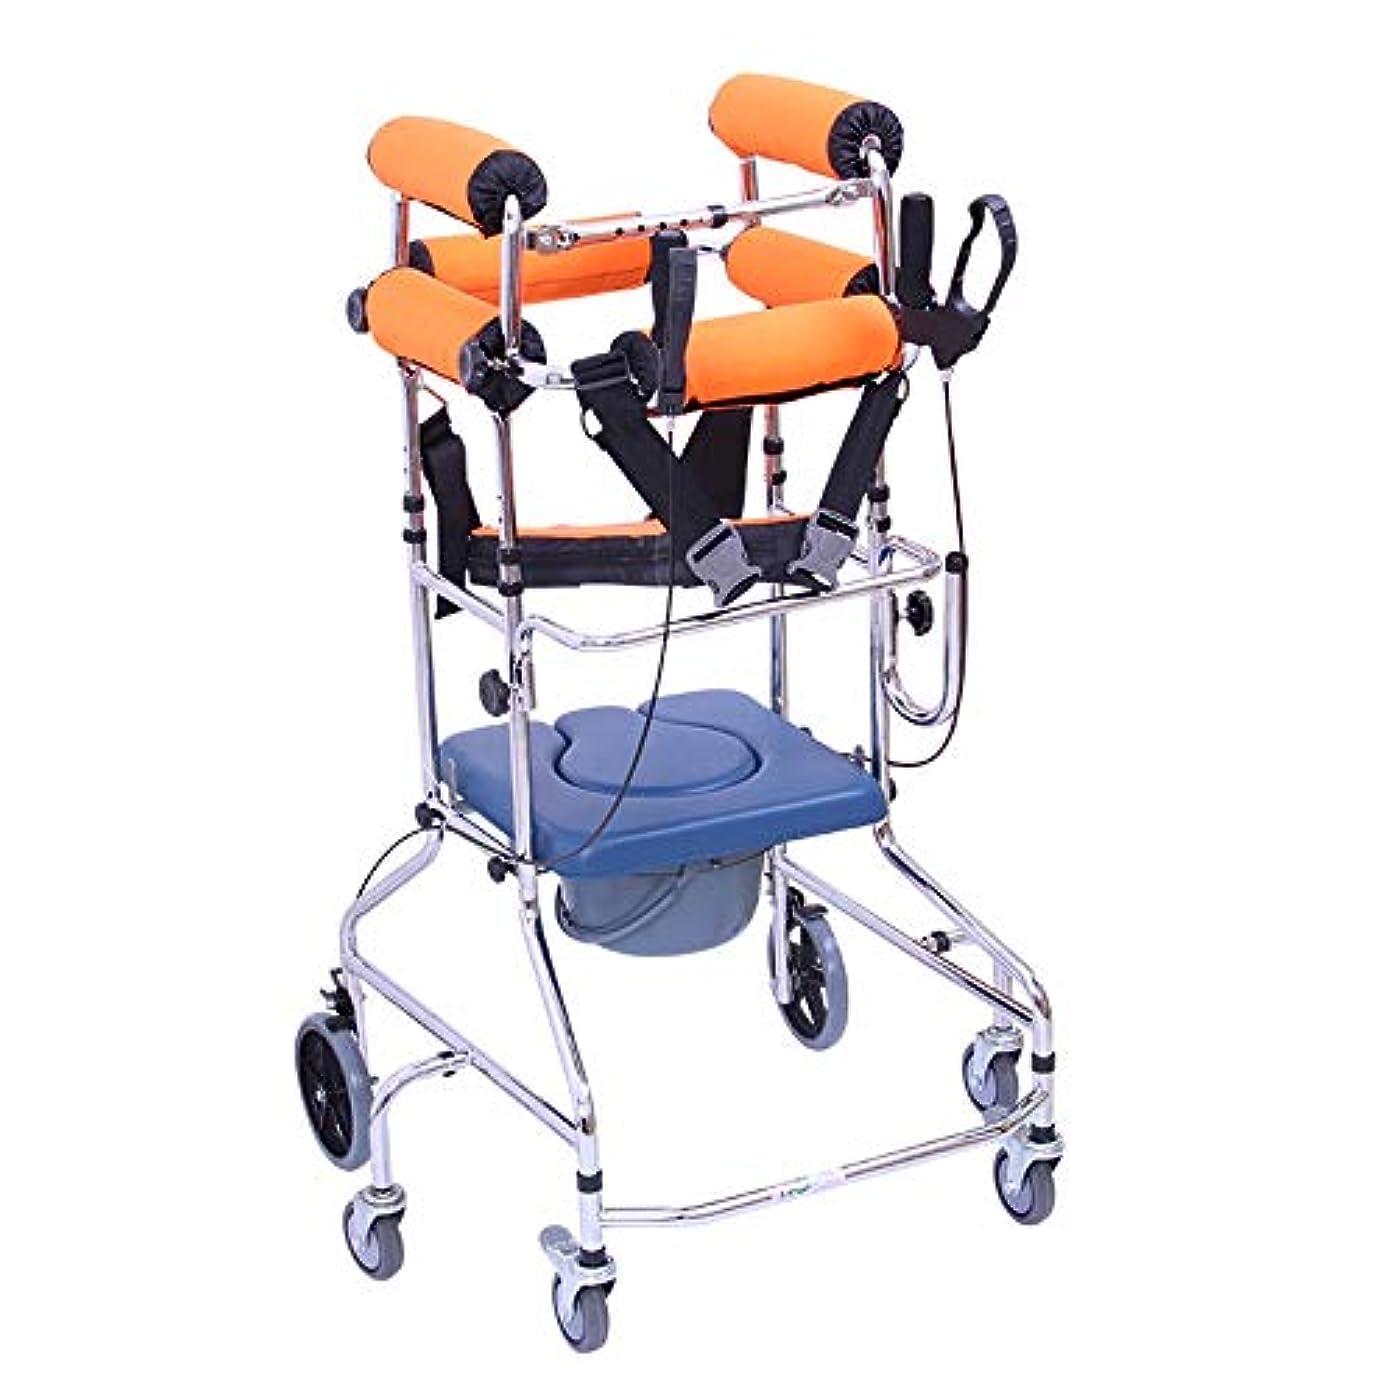 カートリッジ神経違反する補助下肢歩行用フレーム付き便座、成人用歩行フレーム歩行器高齢者歩行器トレーニング機器